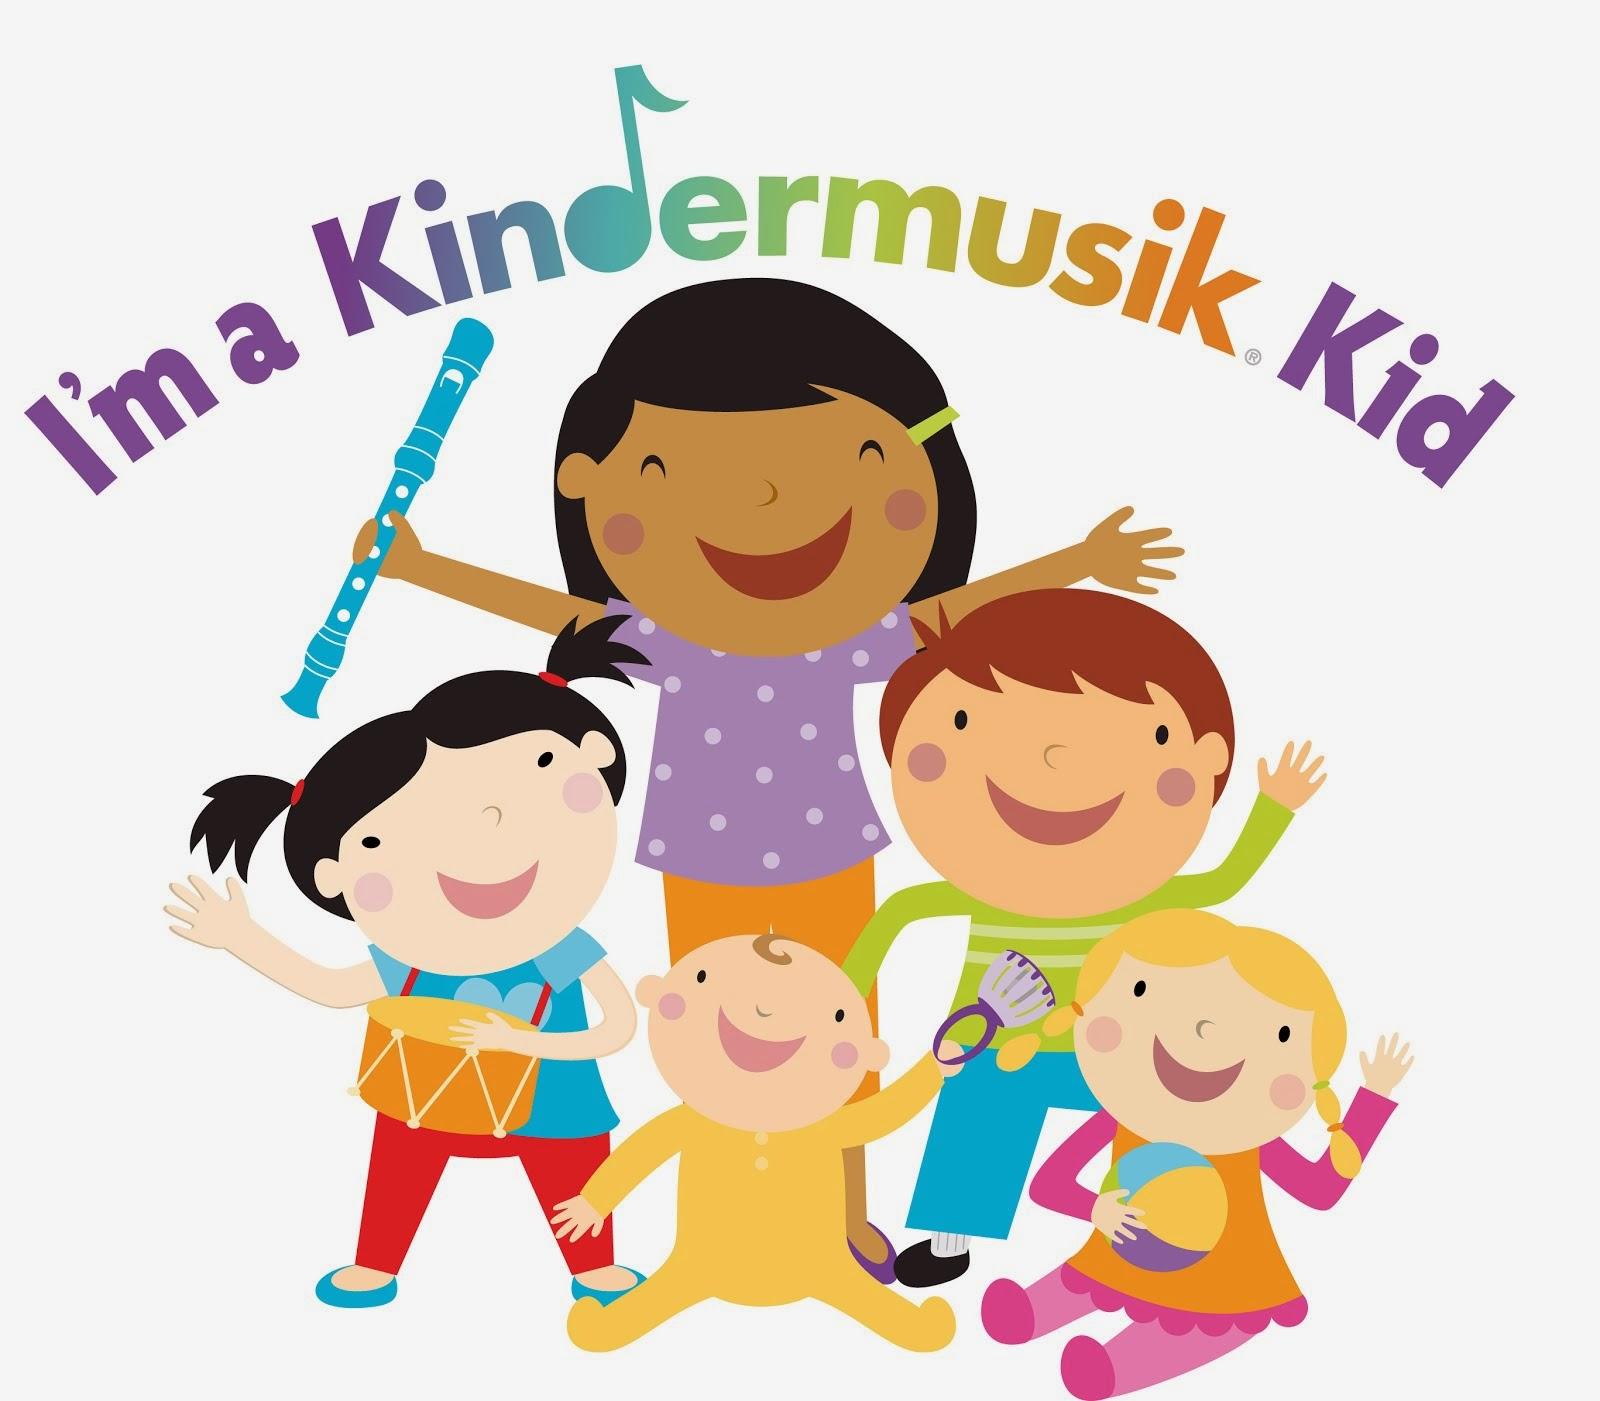 Kindermusik!